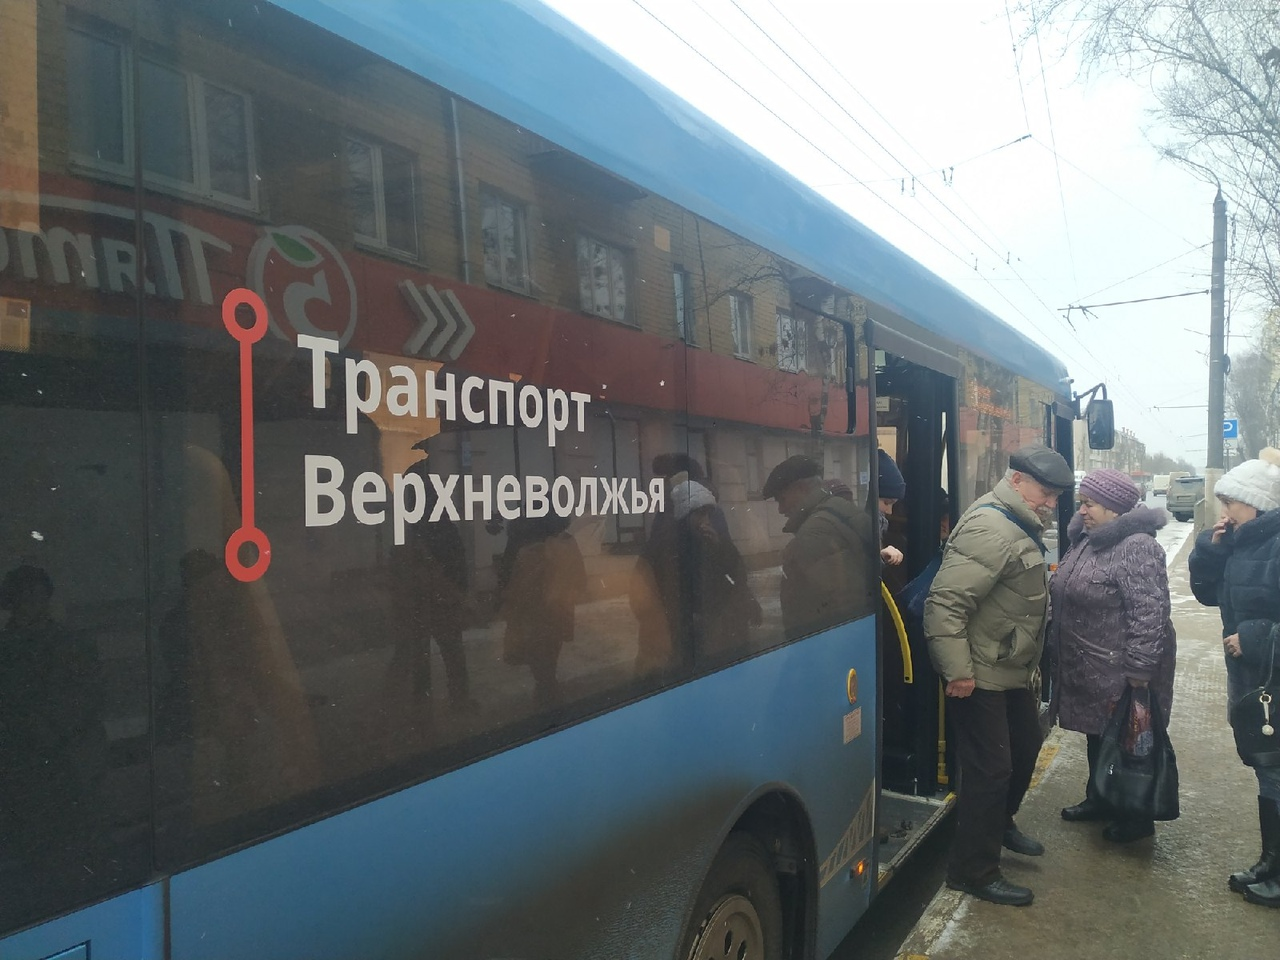 Транспорт Верхневолжья: куда повезут жителей автобусы № 123, 154, 177к, 202 и 204